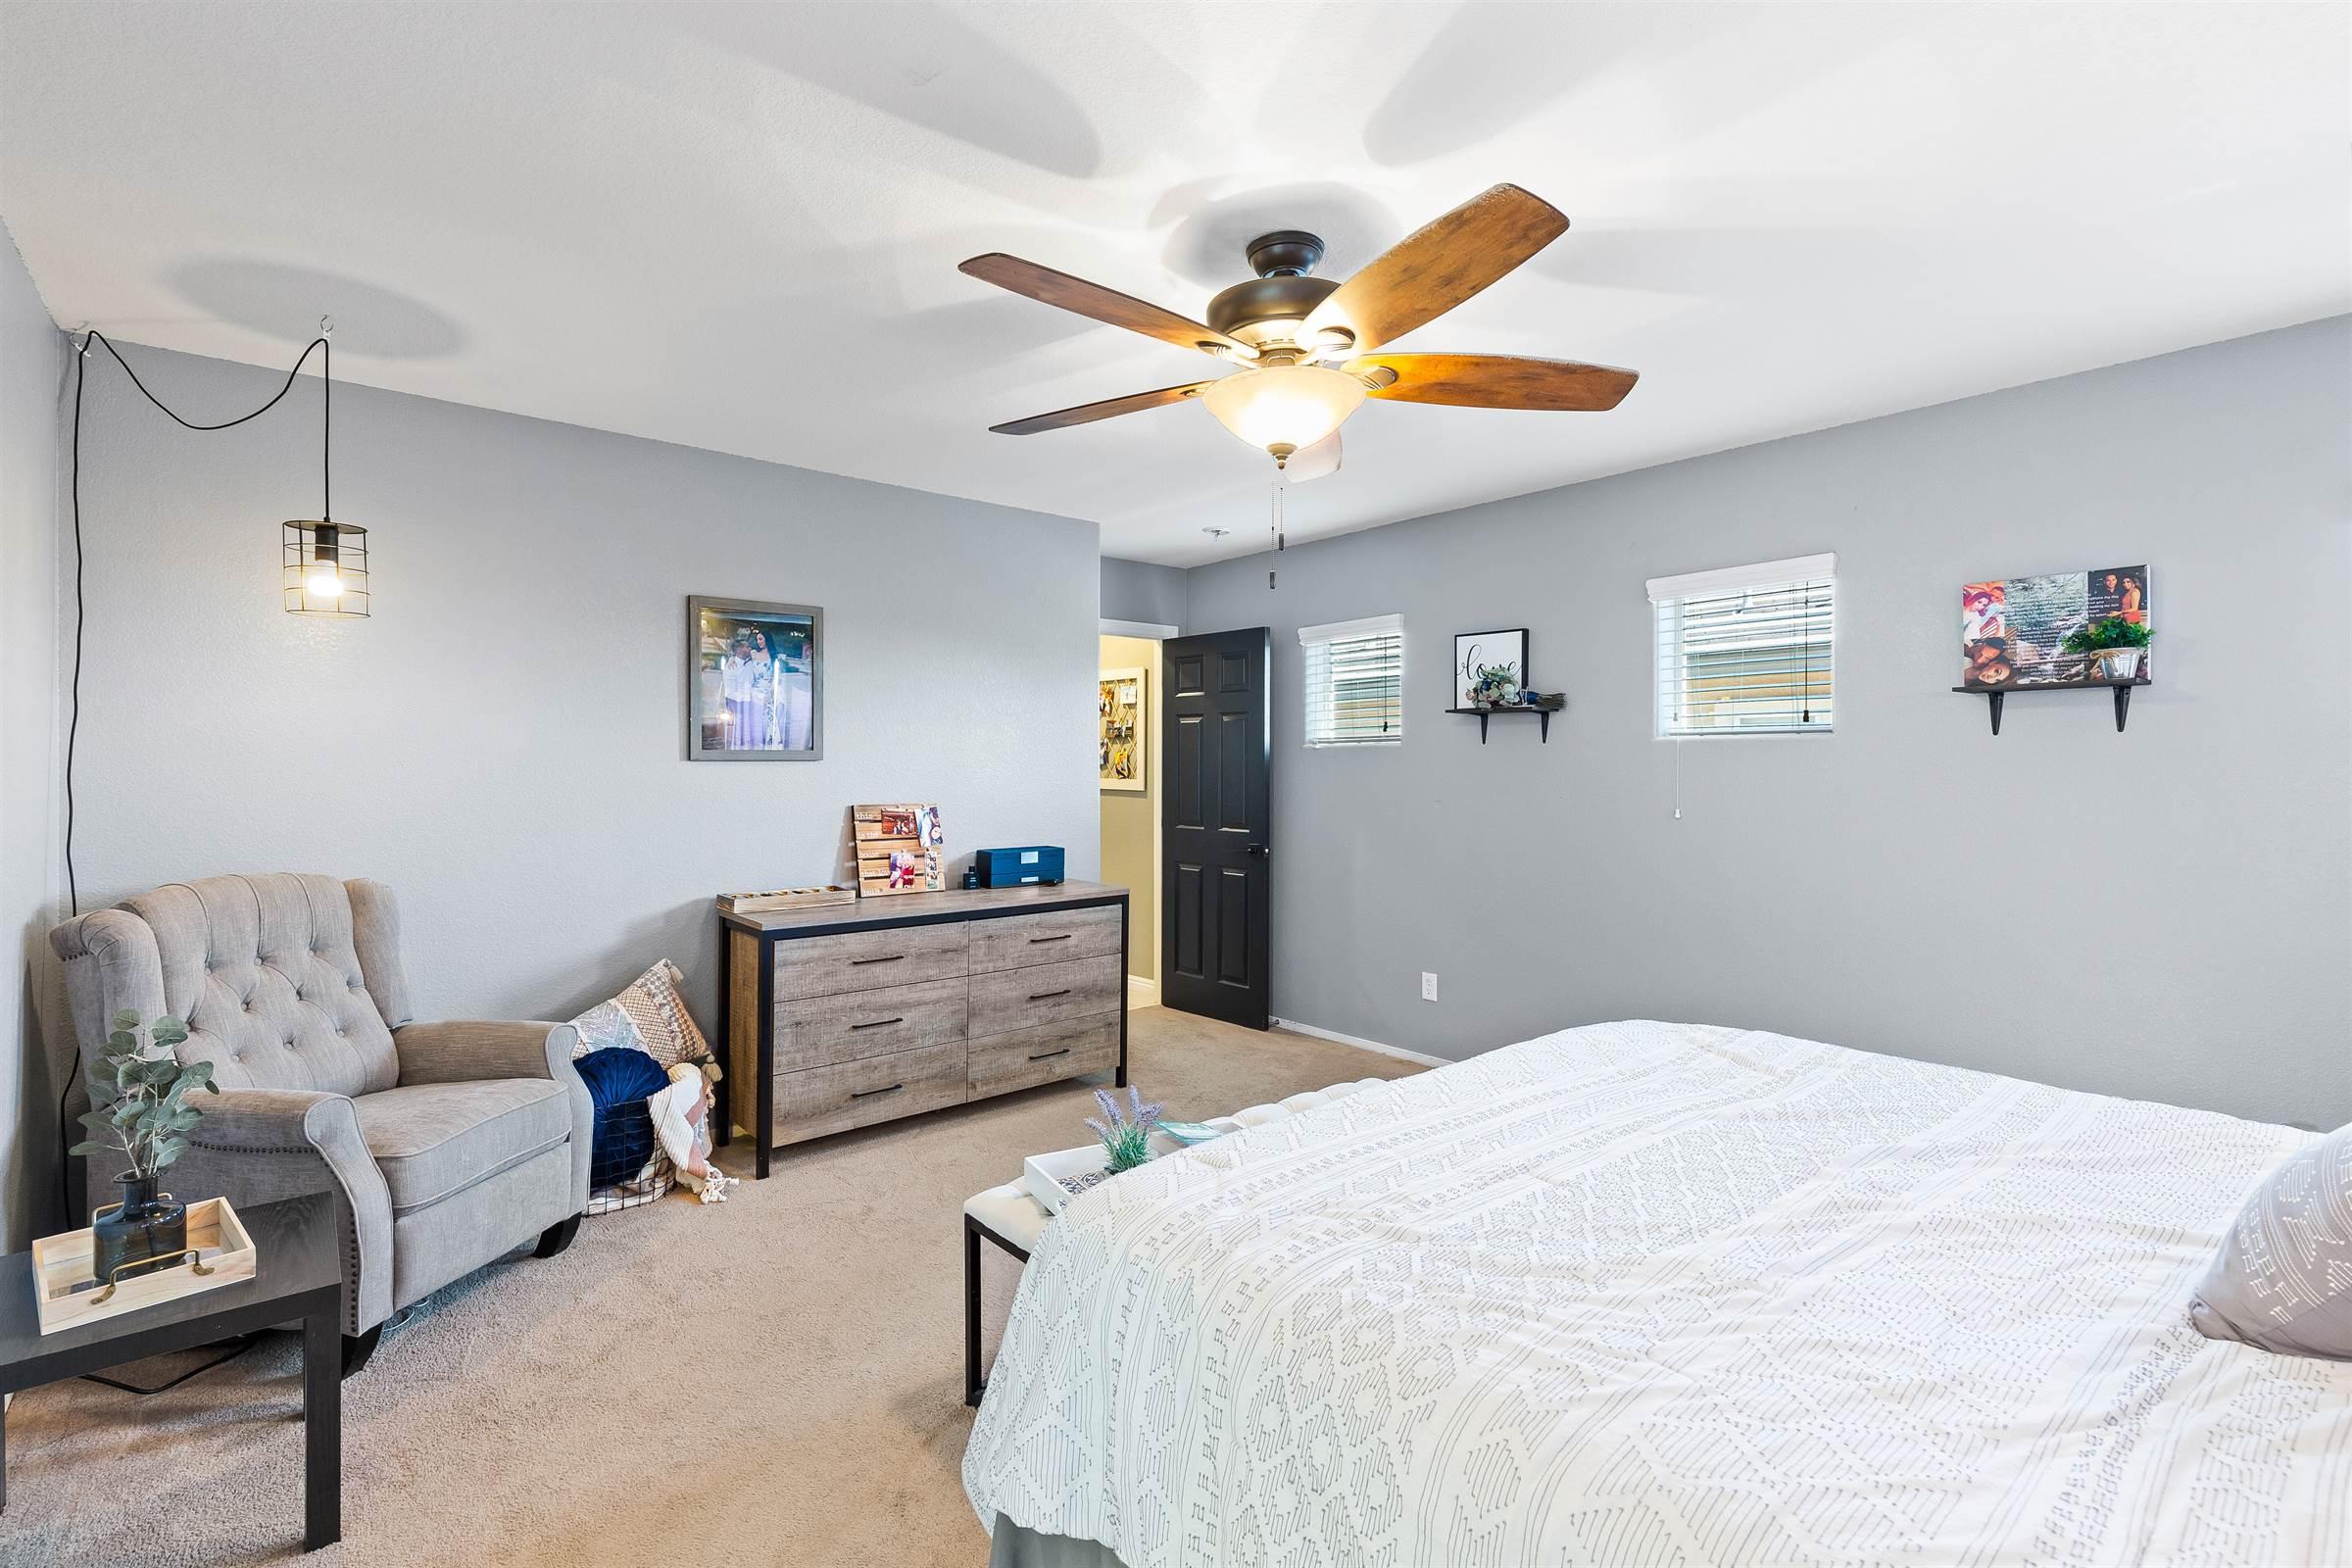 10809 Cain Ave, Las Vegas, NV 89166